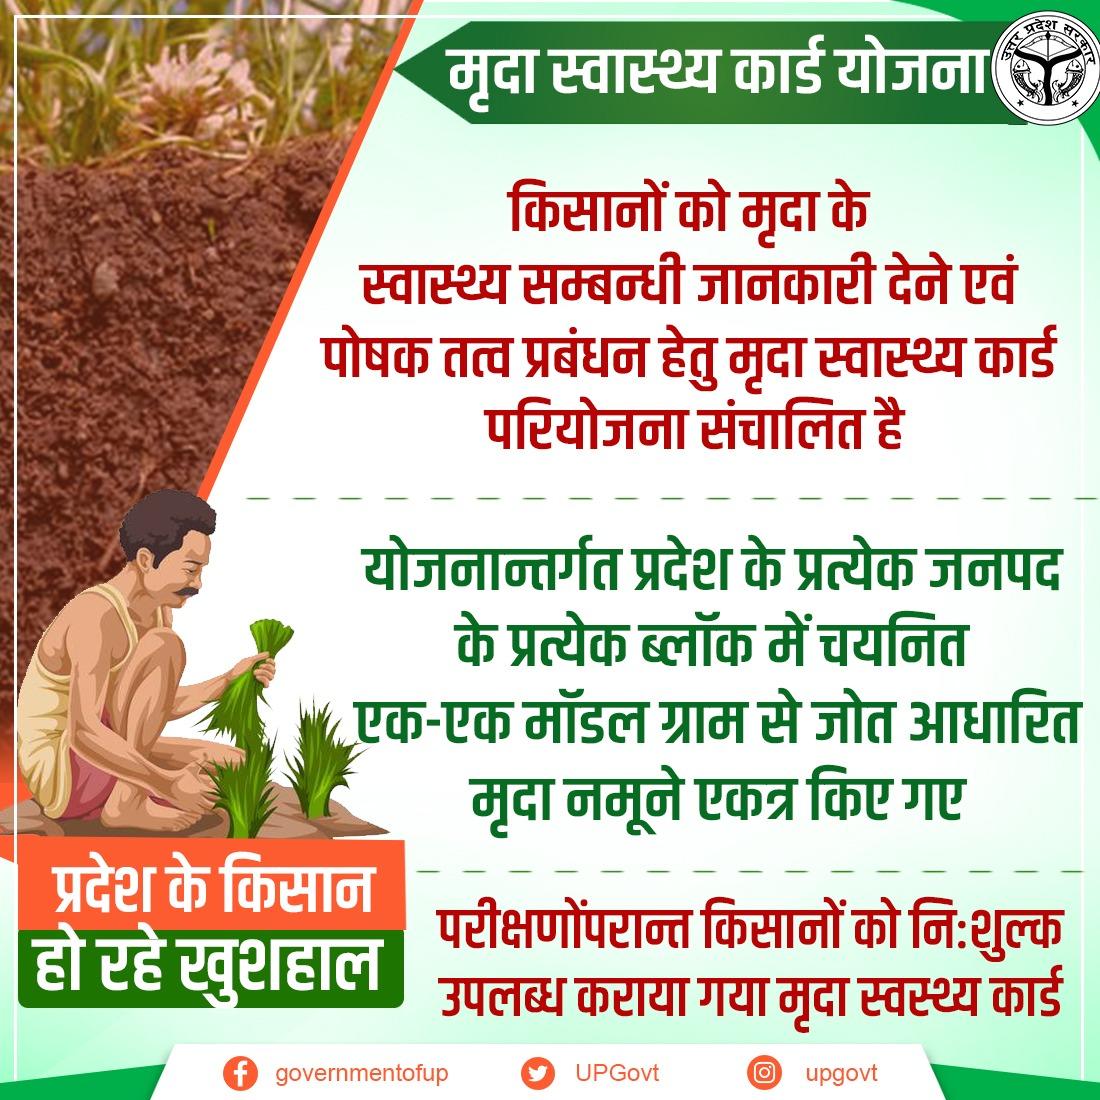 प्रदेश में किसानों को मृदा के स्वास्थ्य सम्बन्धी जानकारी देने एवं पोषक तत्व प्रबंधन हेतु मृदा स्वास्थ्य कार्ड परियोजना संचालित है